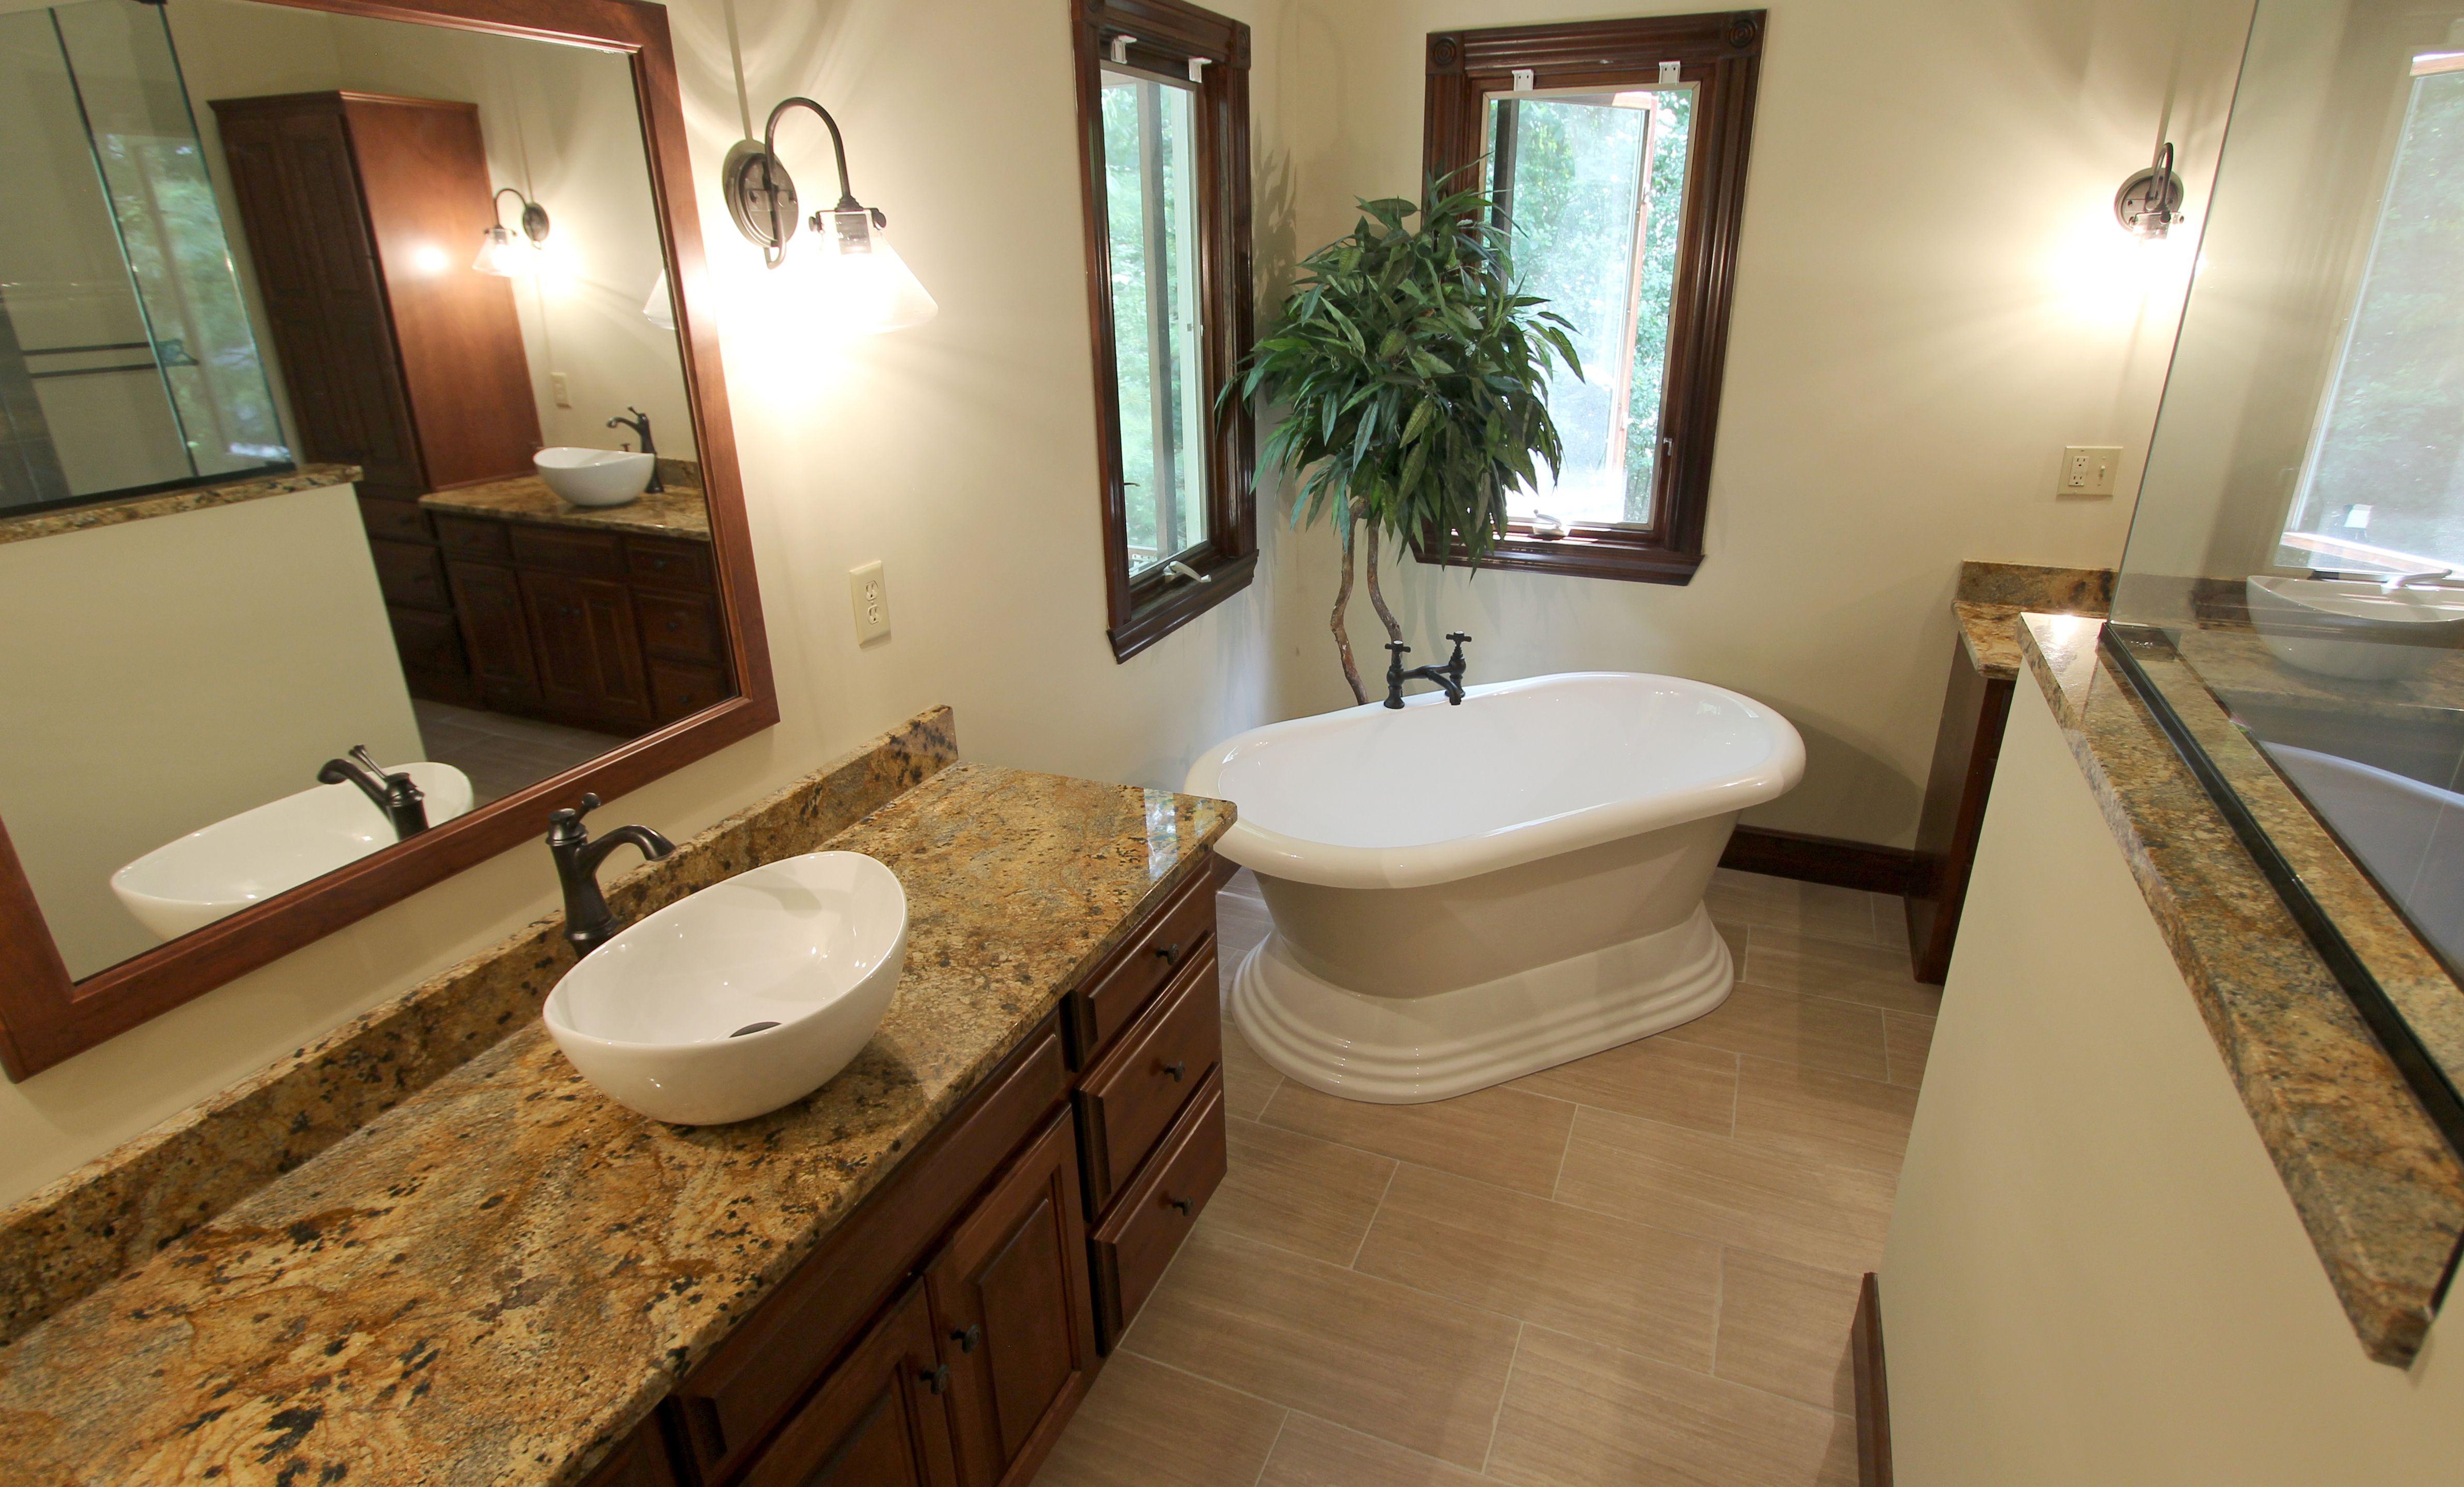 Lapidus premium product search marva marble and granite - Lapidus Granite Countertop And Calypso Tub In White